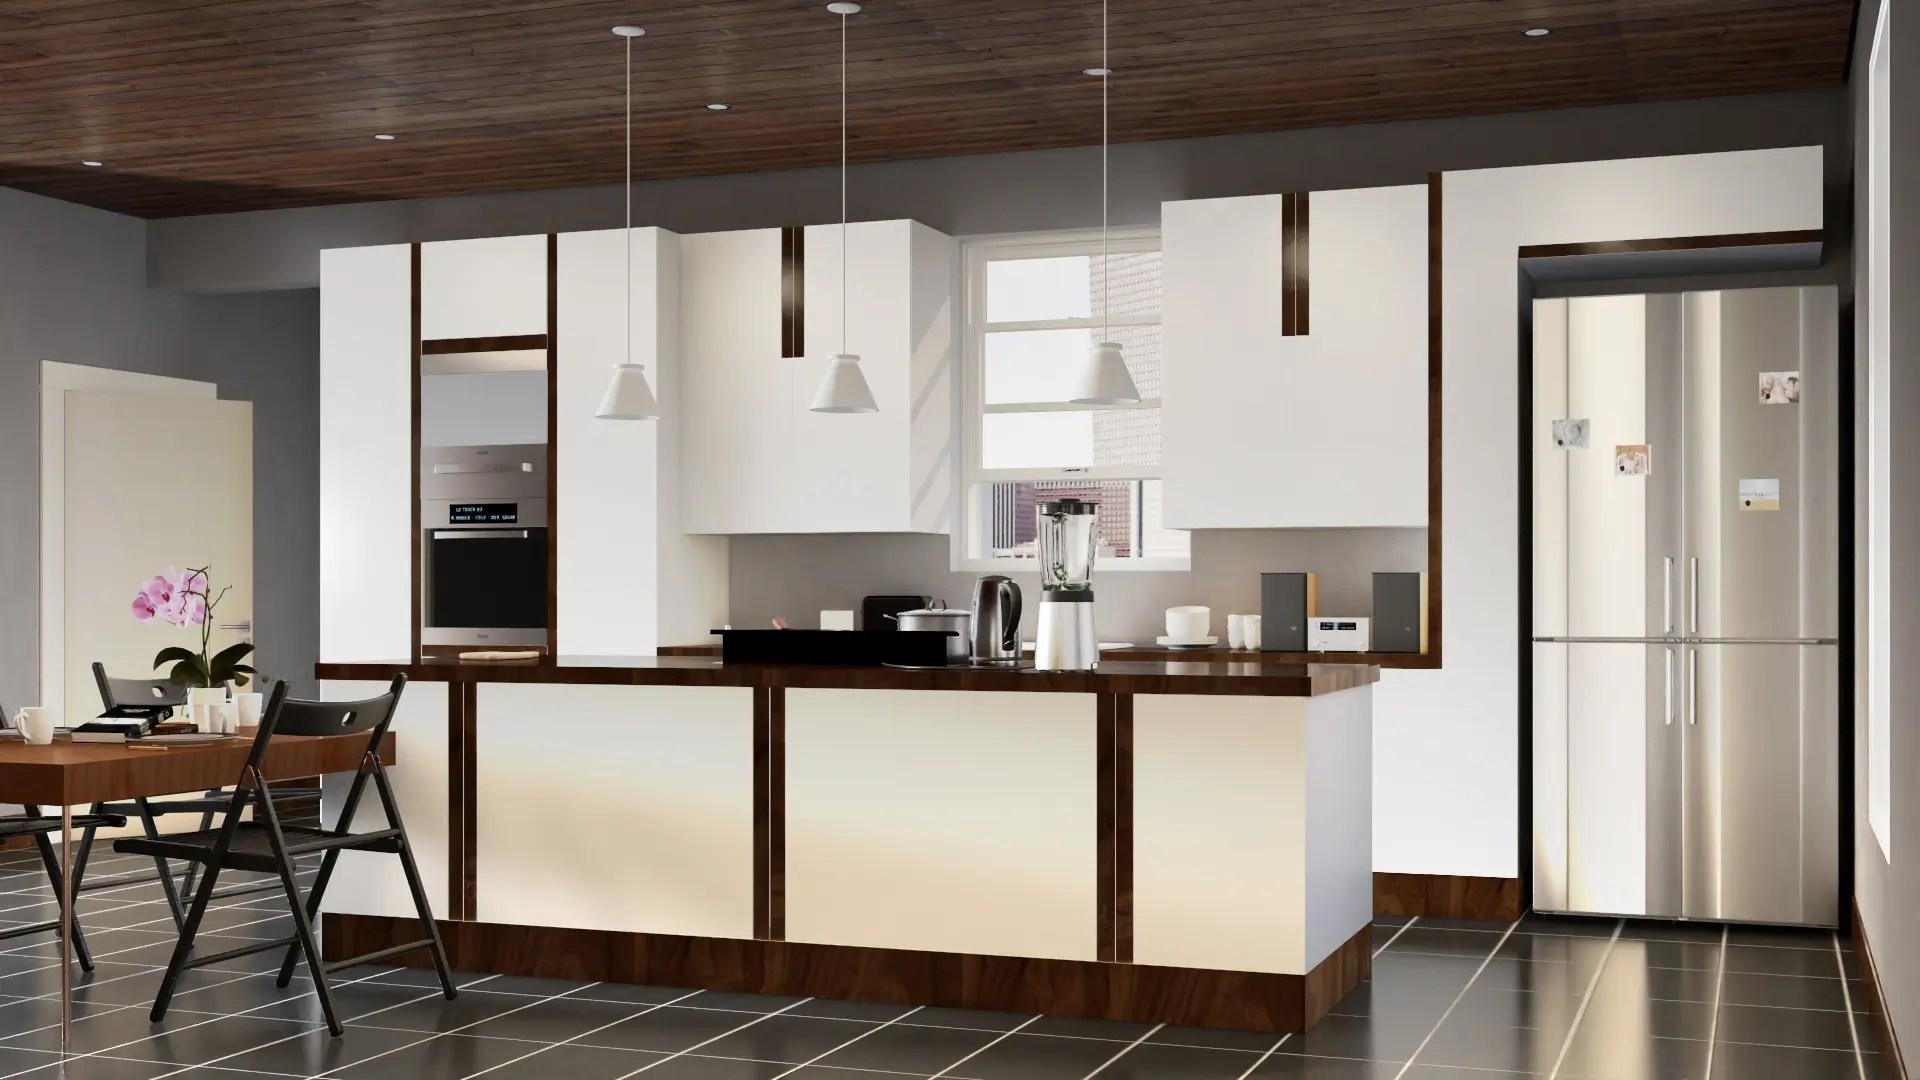 3d CGI Visualisierung Küche mit Details in Cinema 4D